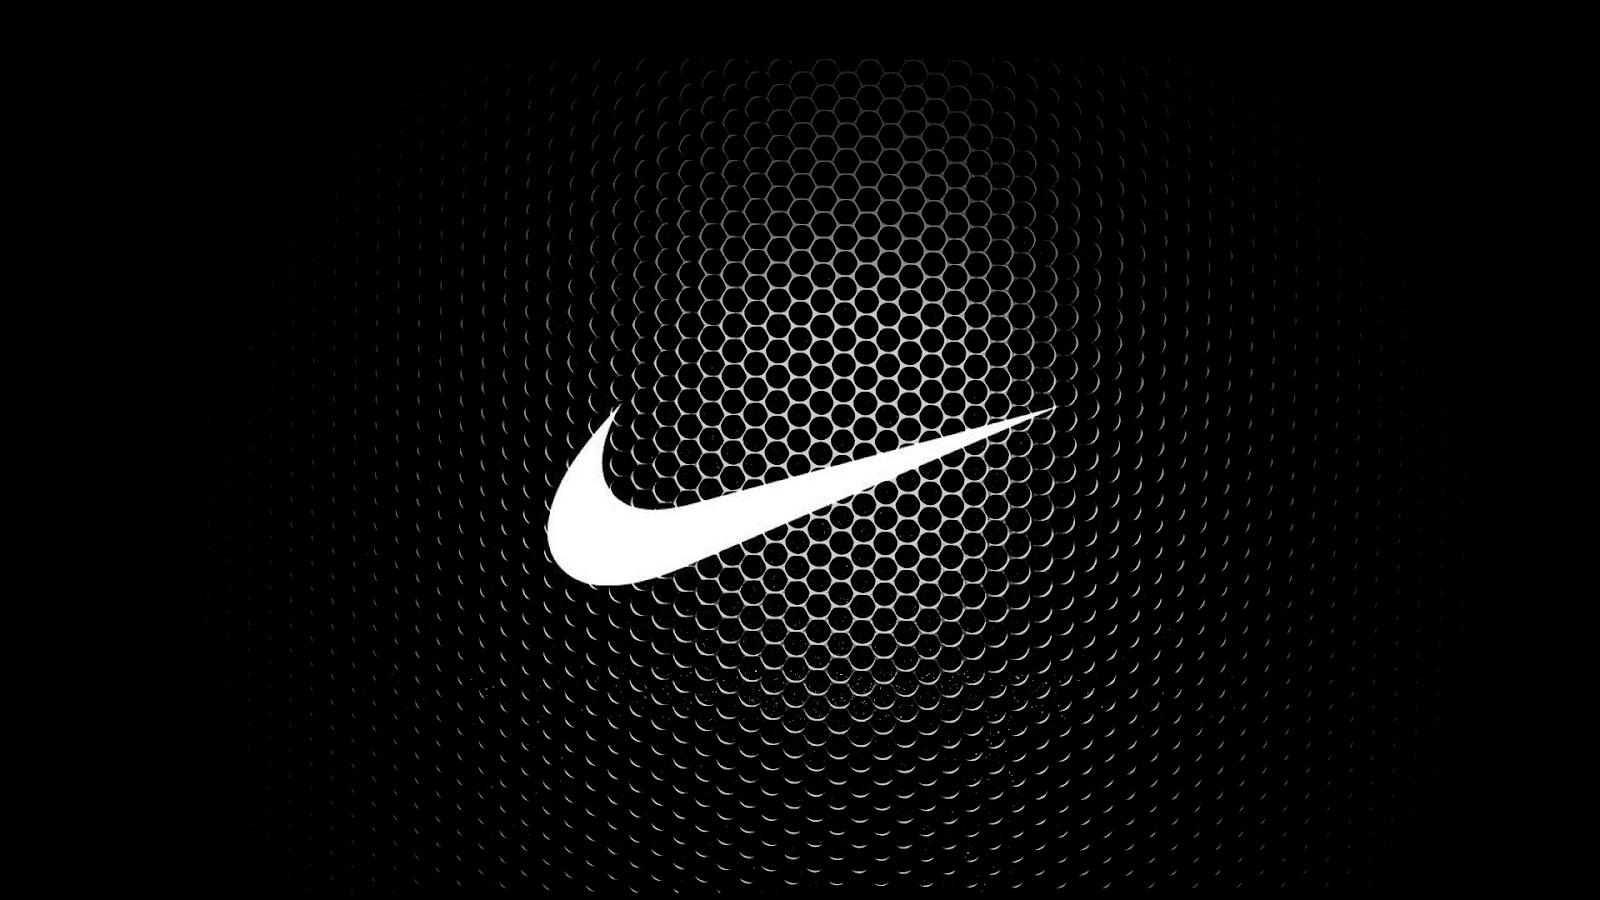 La virgule Nike sur les maillots NBA en 2017